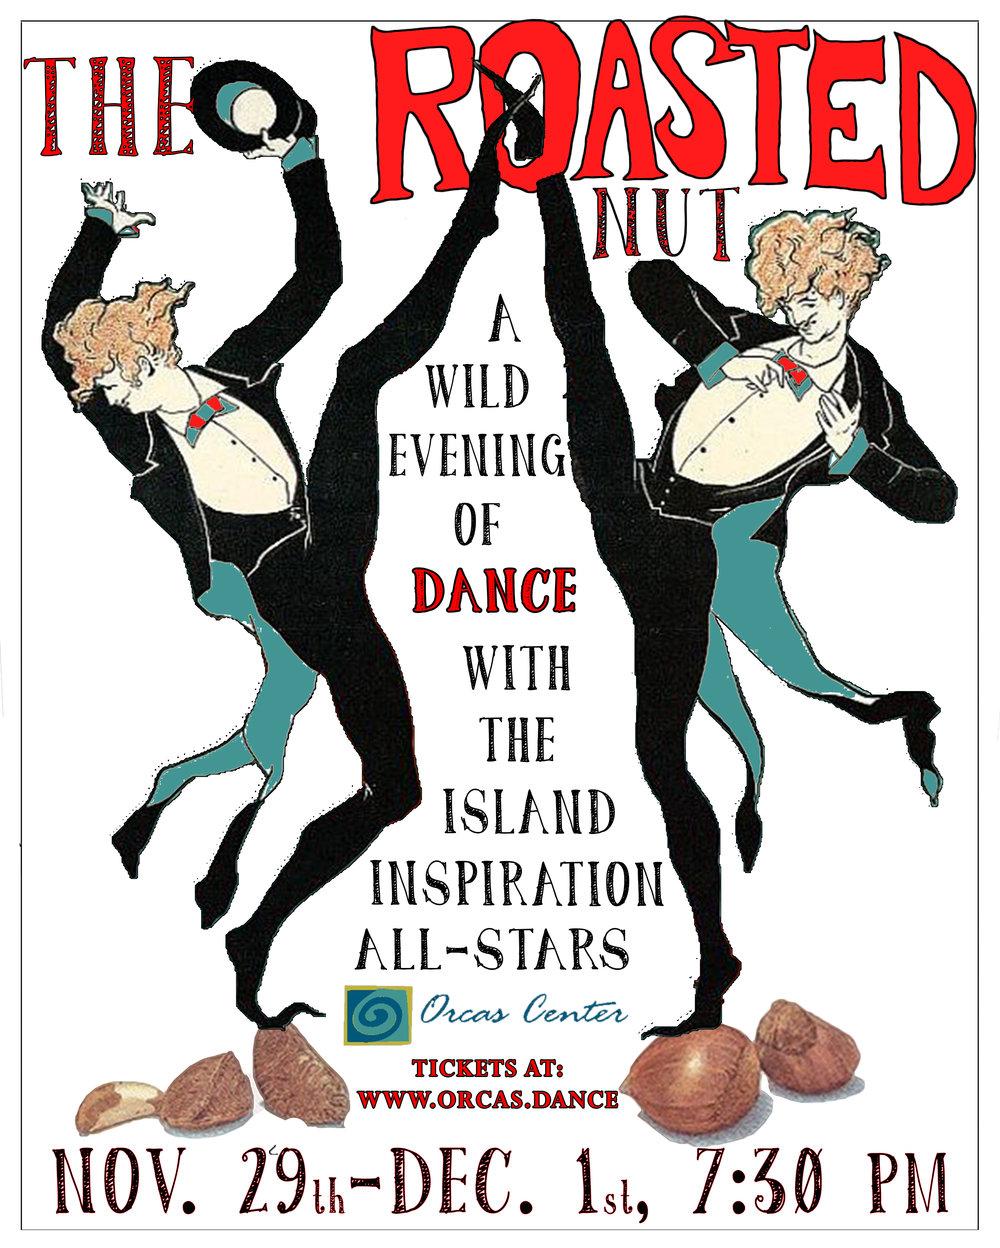 Roasted_Nut_orcas.dance.jpg